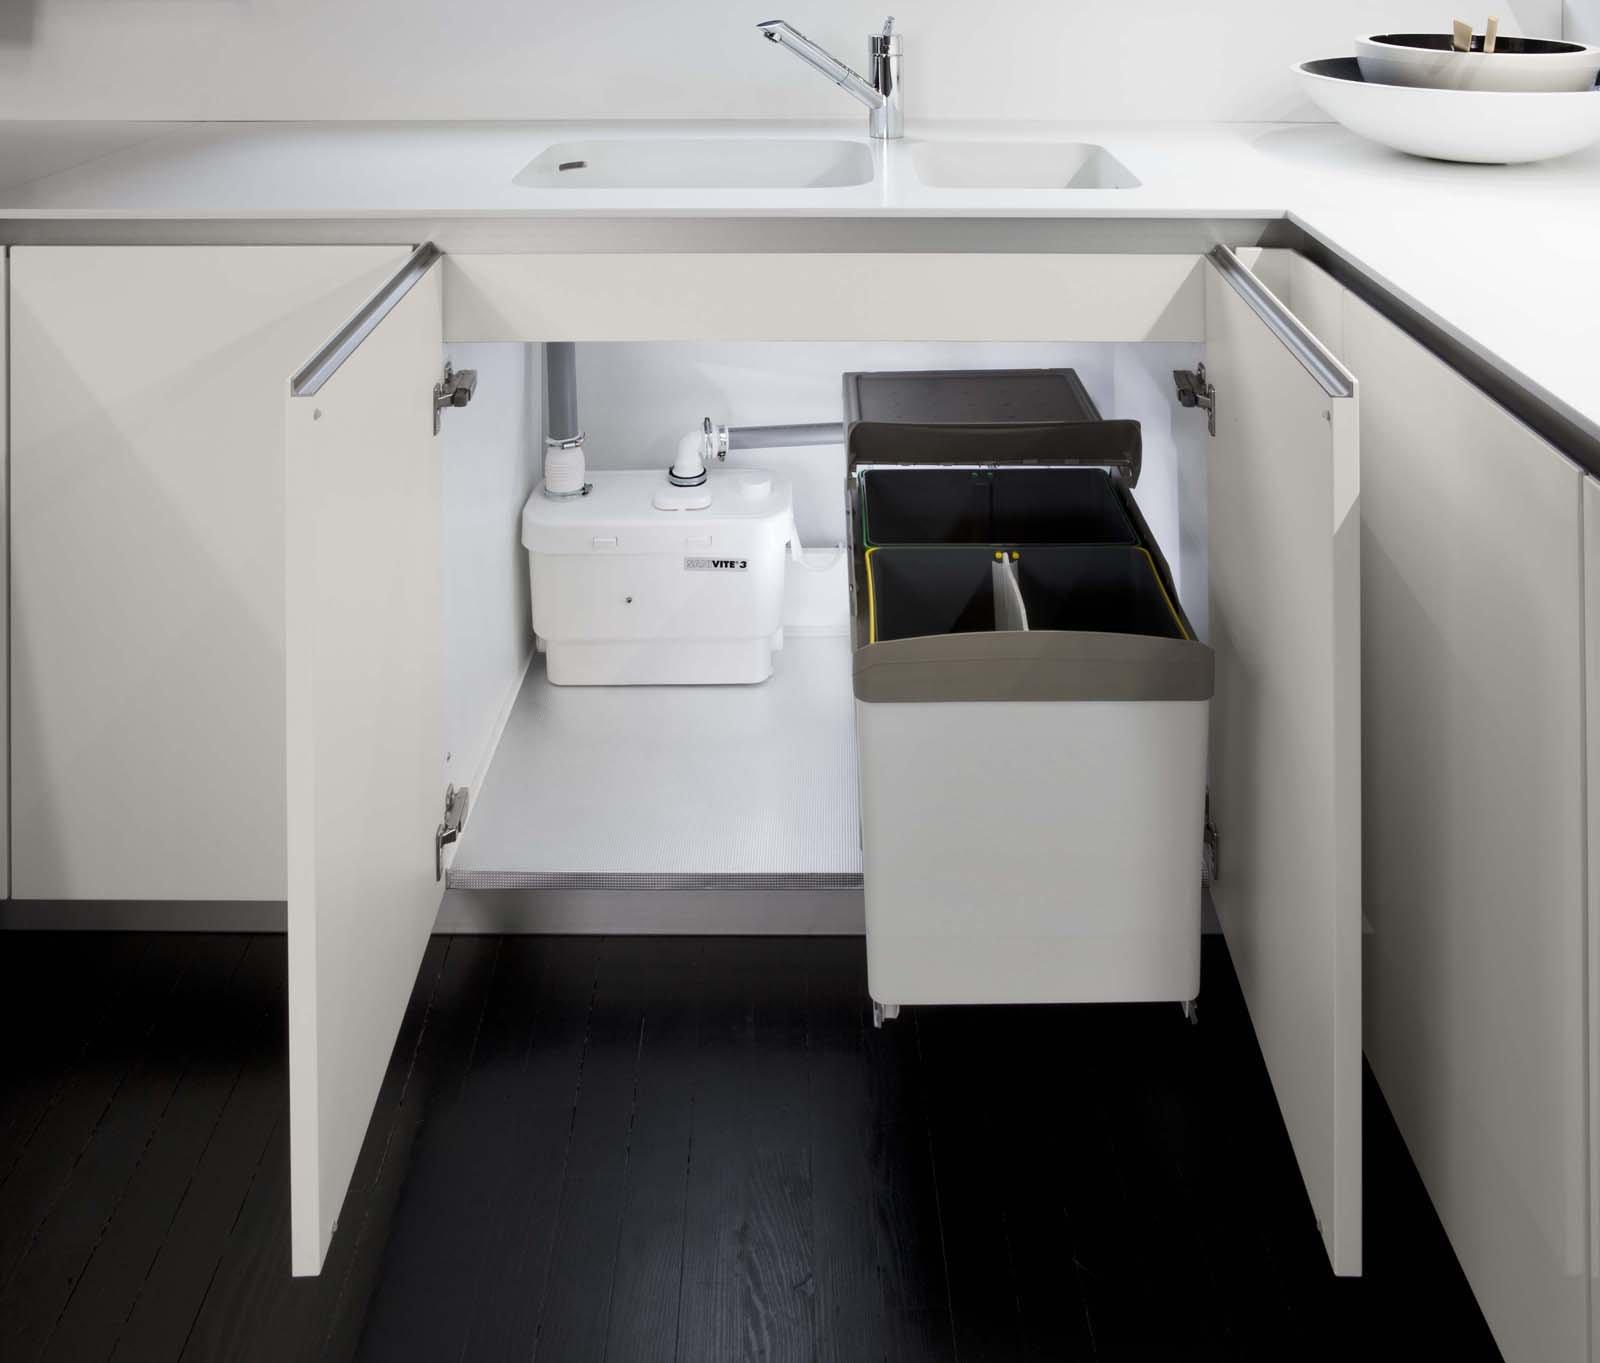 Cucine come spostare il lavello senza lavori cose di casa - Lavandini x cucina ...